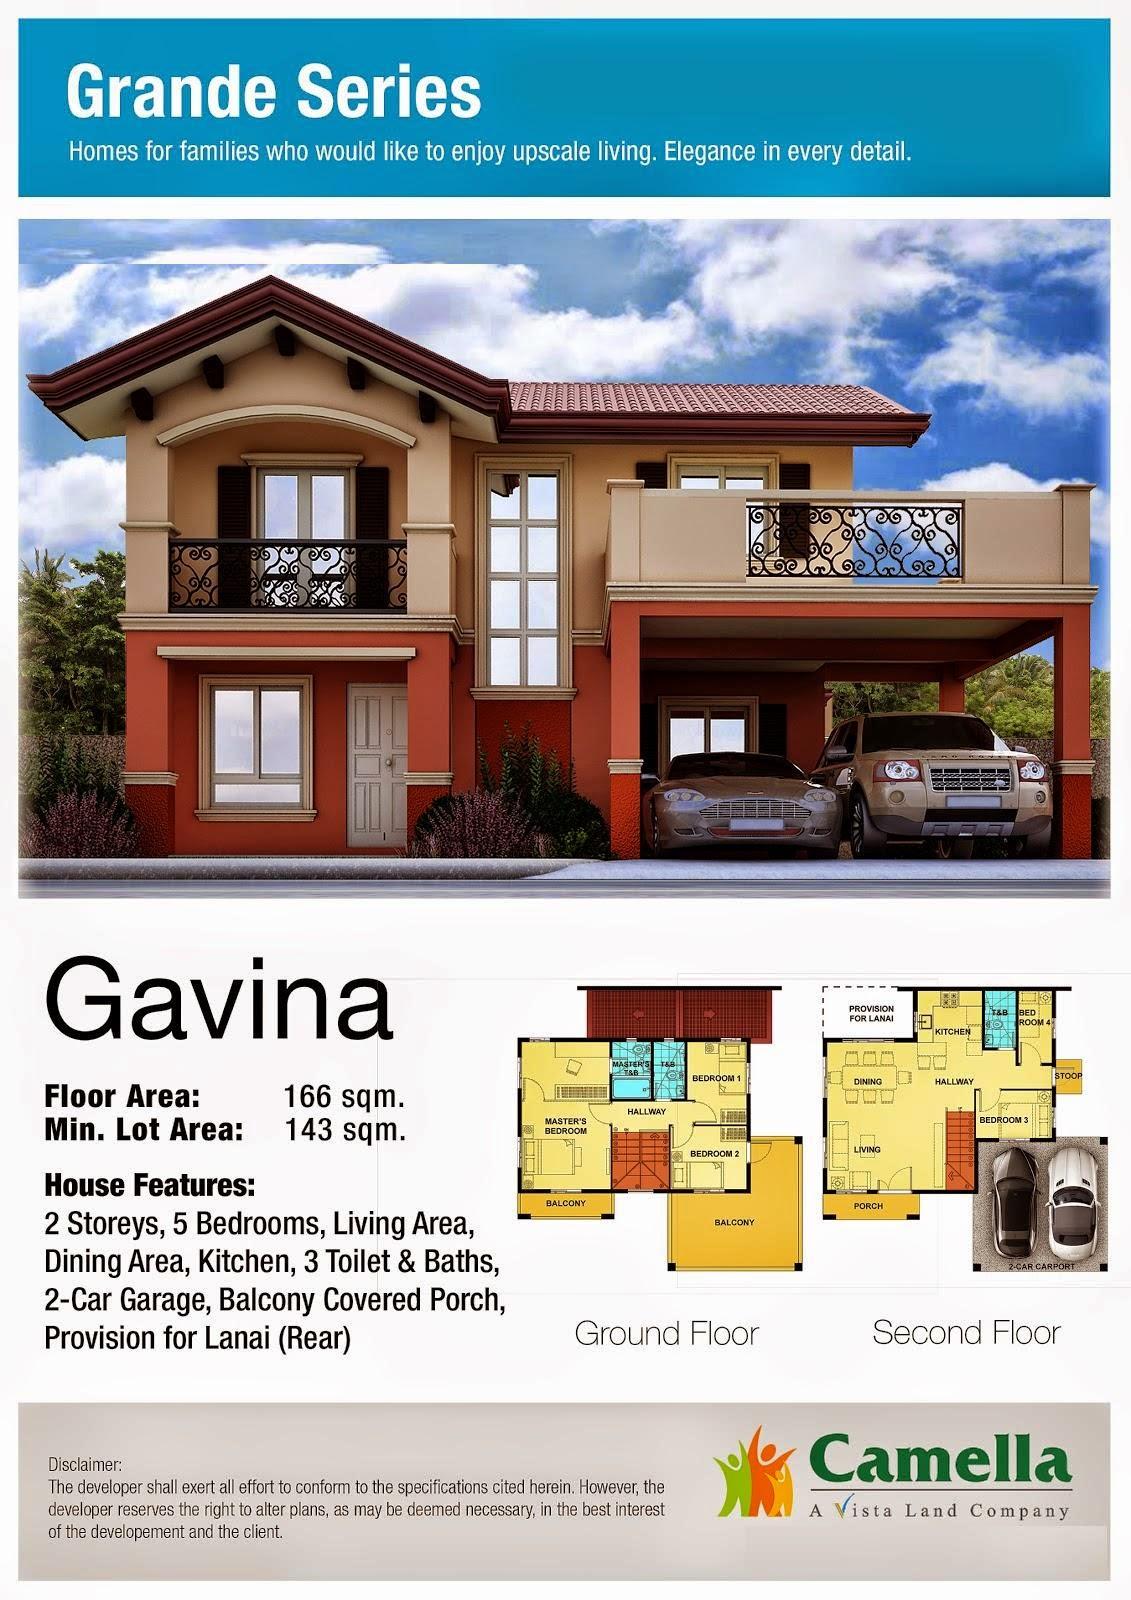 Camella silang tagaytay drina house and lot for sale in tagaytay city - Camella Silang Tagaytay Drina House And Lot For Sale In Tagaytay City 31